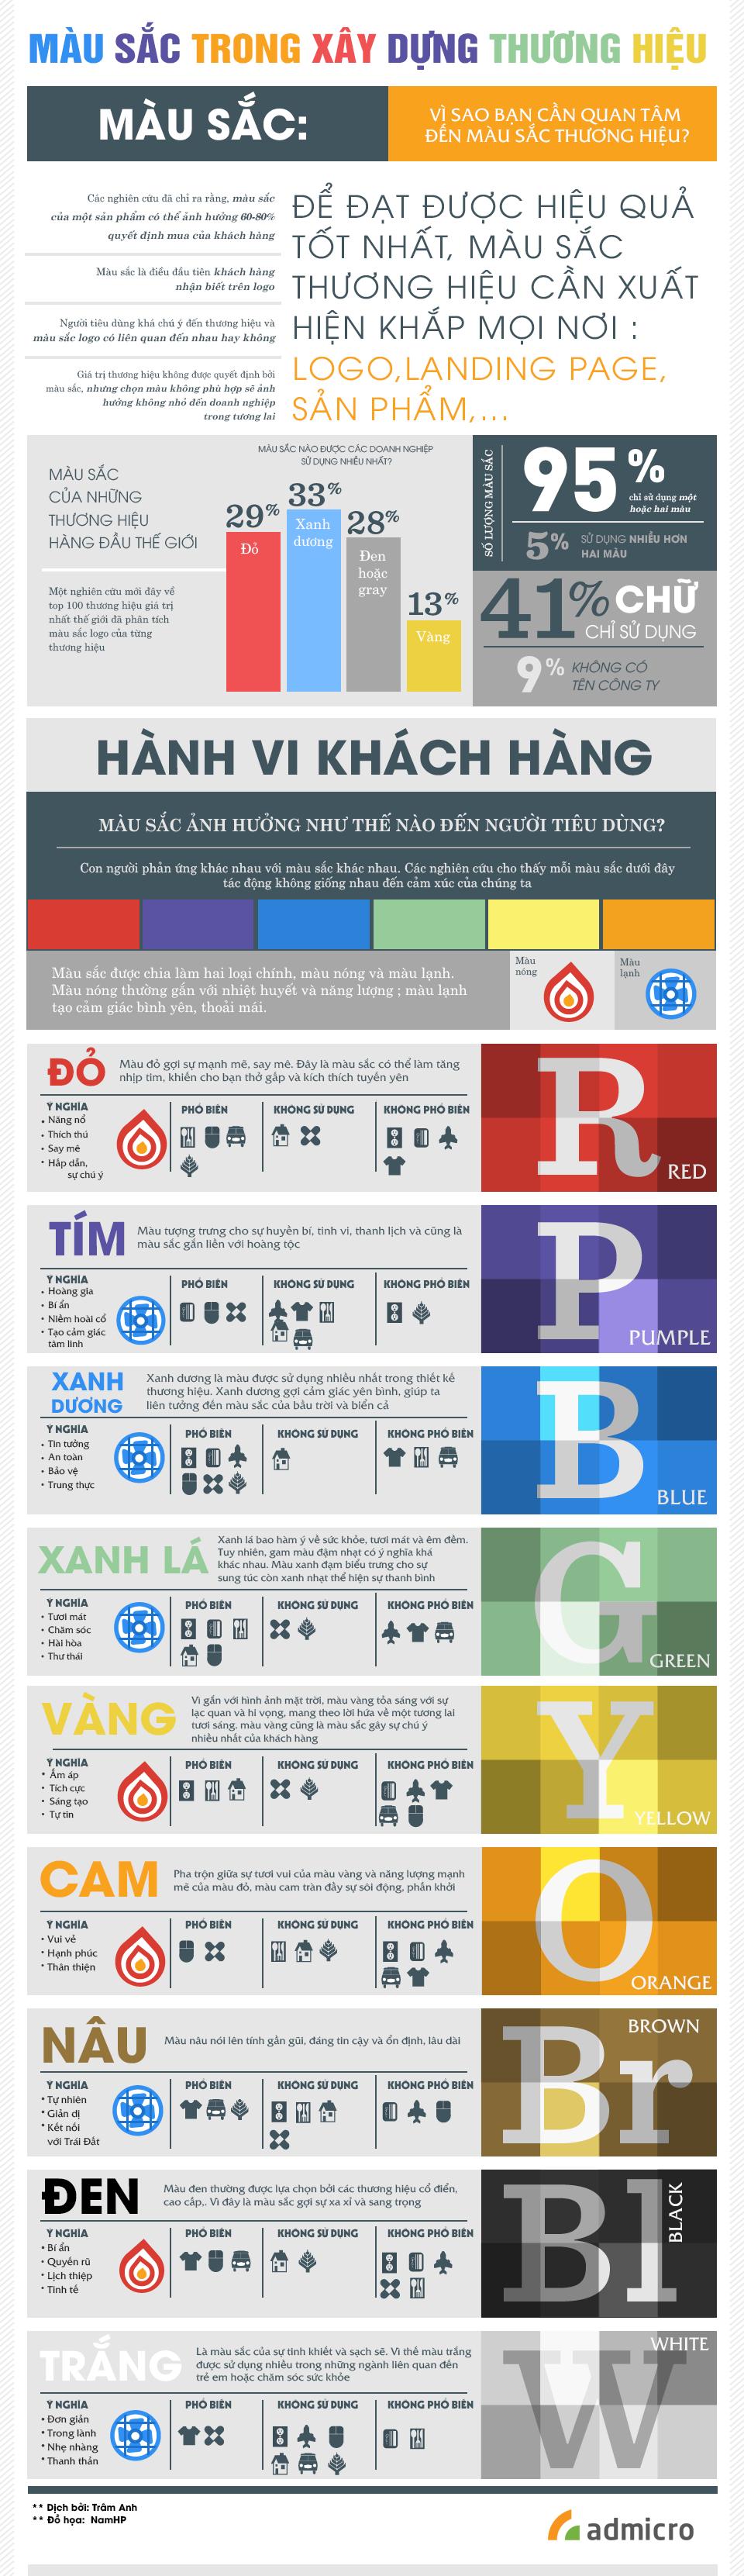 infographic ảnh hưởng của màu sắc trong ngành bán lẻ